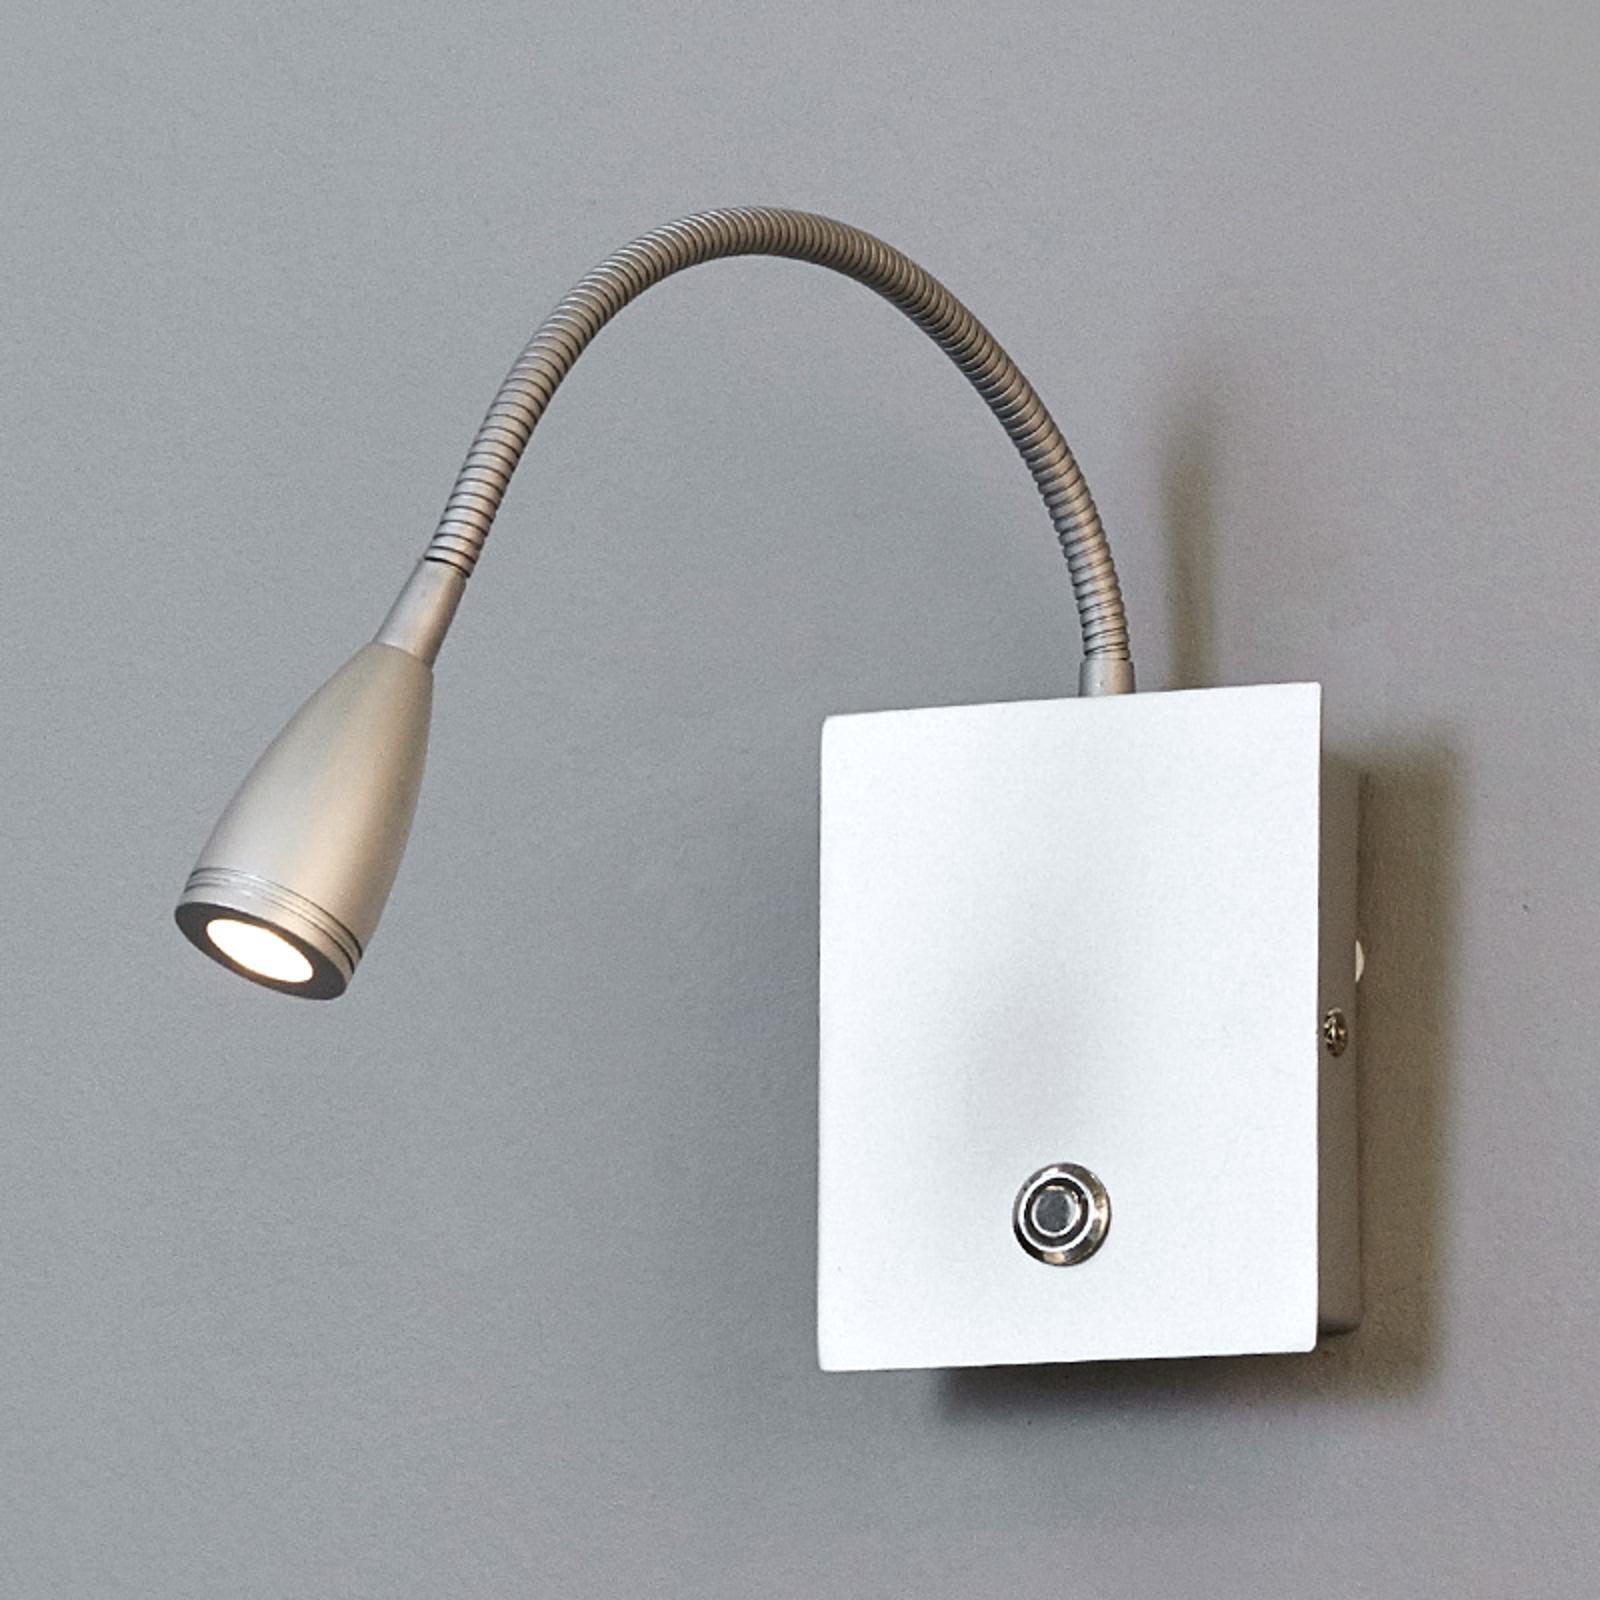 Applique LED Torin, argenté, intensité variable